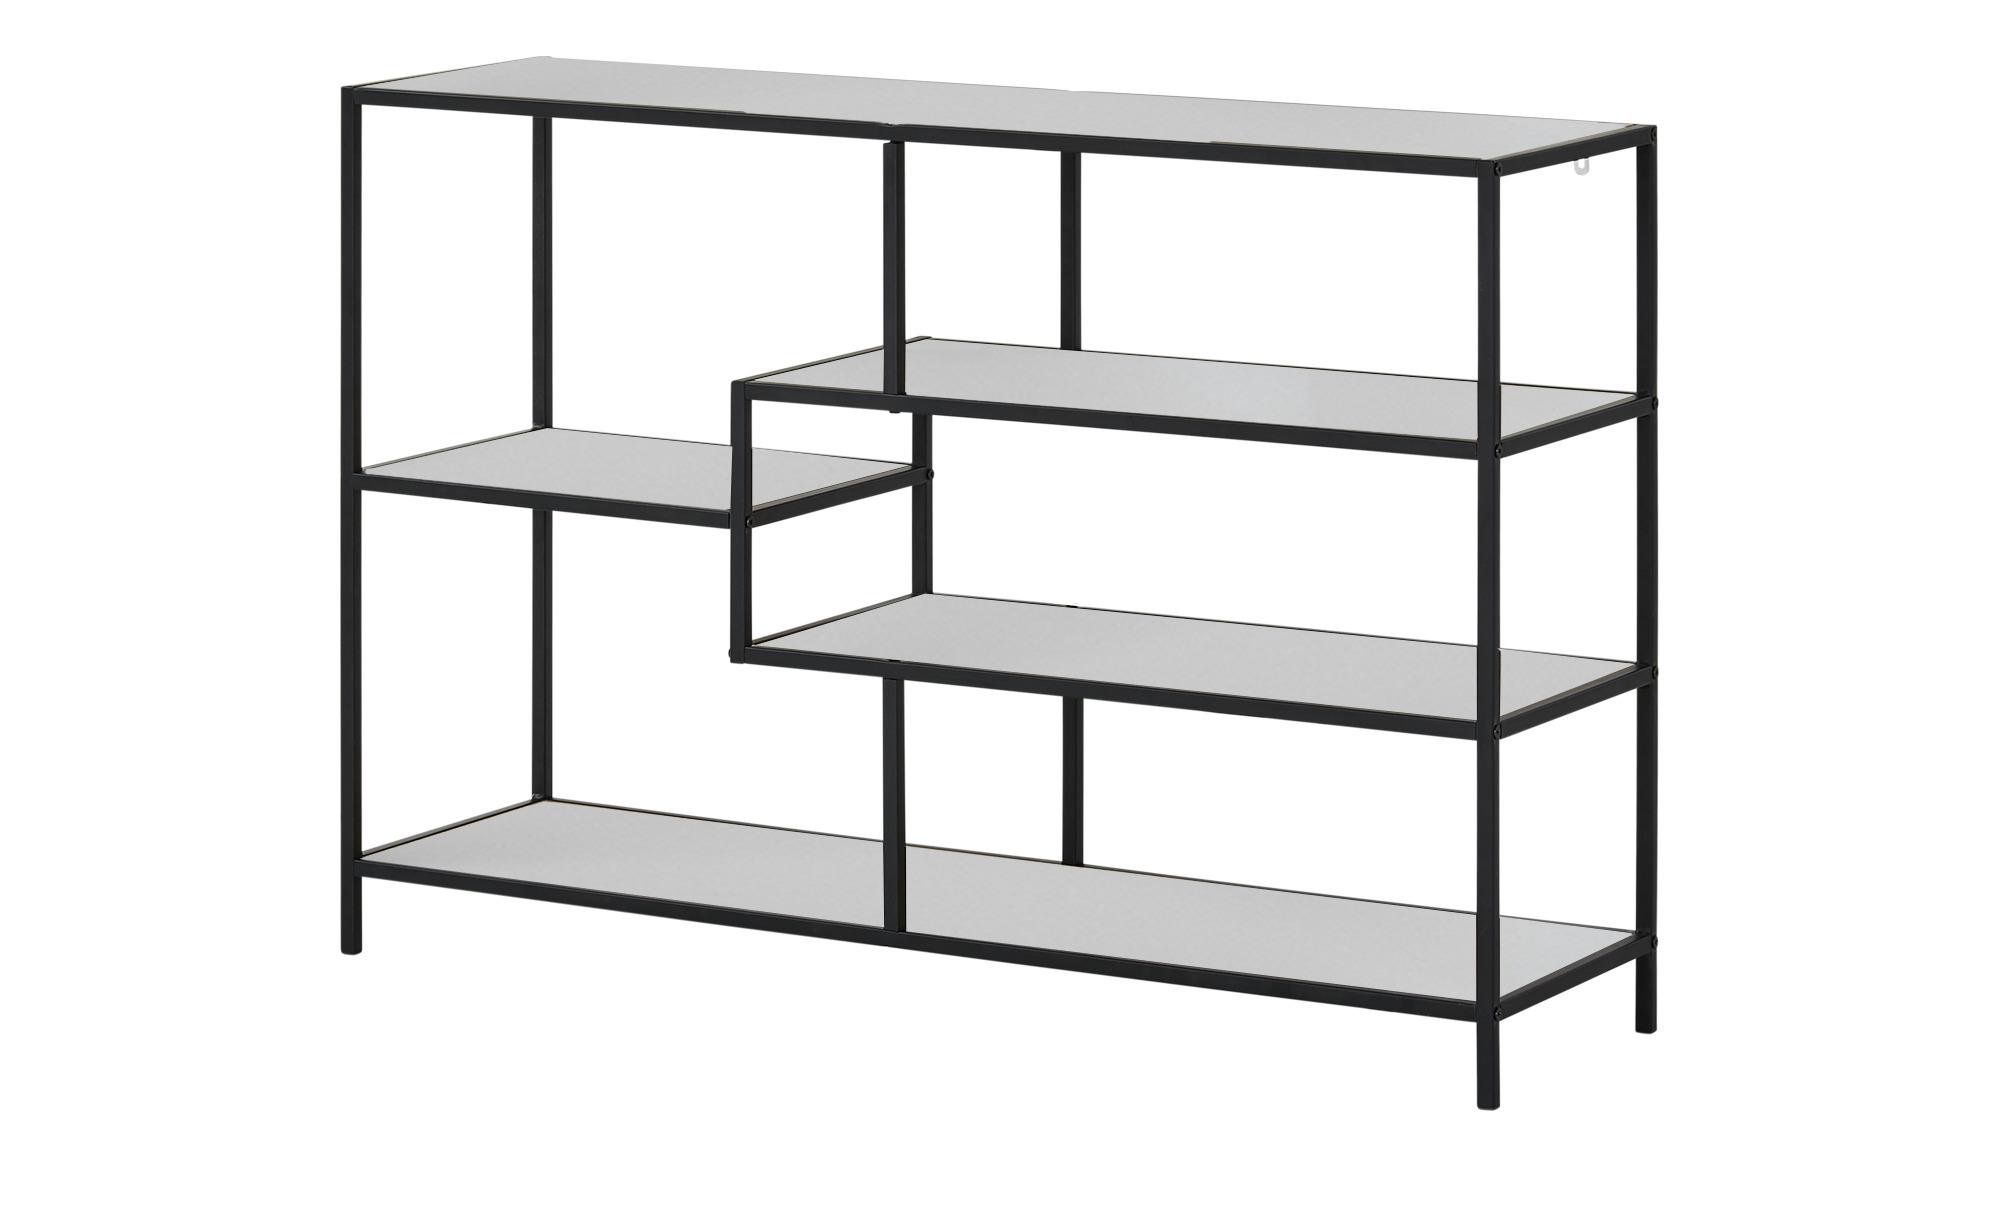 Regal - weiß - 114 cm - 78 cm - 35 cm - Regale > Bücherregale - Möbel Kraft | Wohnzimmer > Regale > Bücherregale | Möbel Kraft